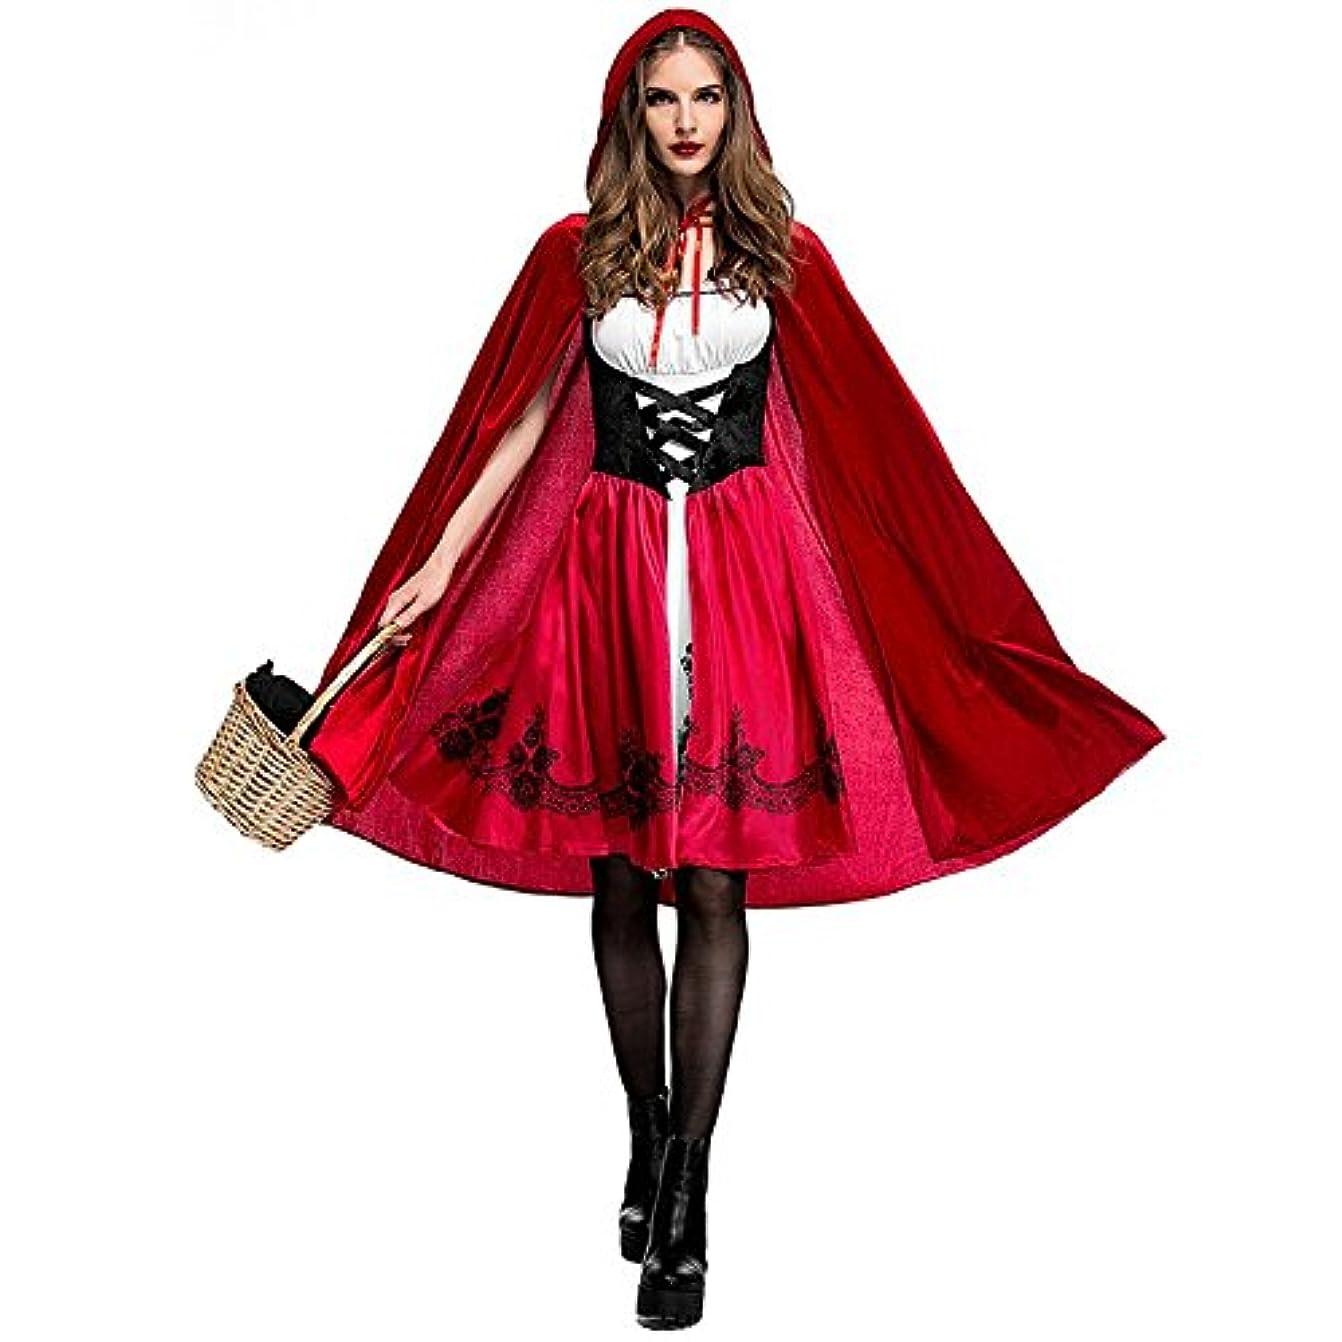 任命はっきりとアウターHalloween 高品質 ハロウィン 大人cosplay 仮装 衣装 コスプレ コスチューム?赤ずきん メイド服 パーティー 舞台 イベント 演出服 (XL)